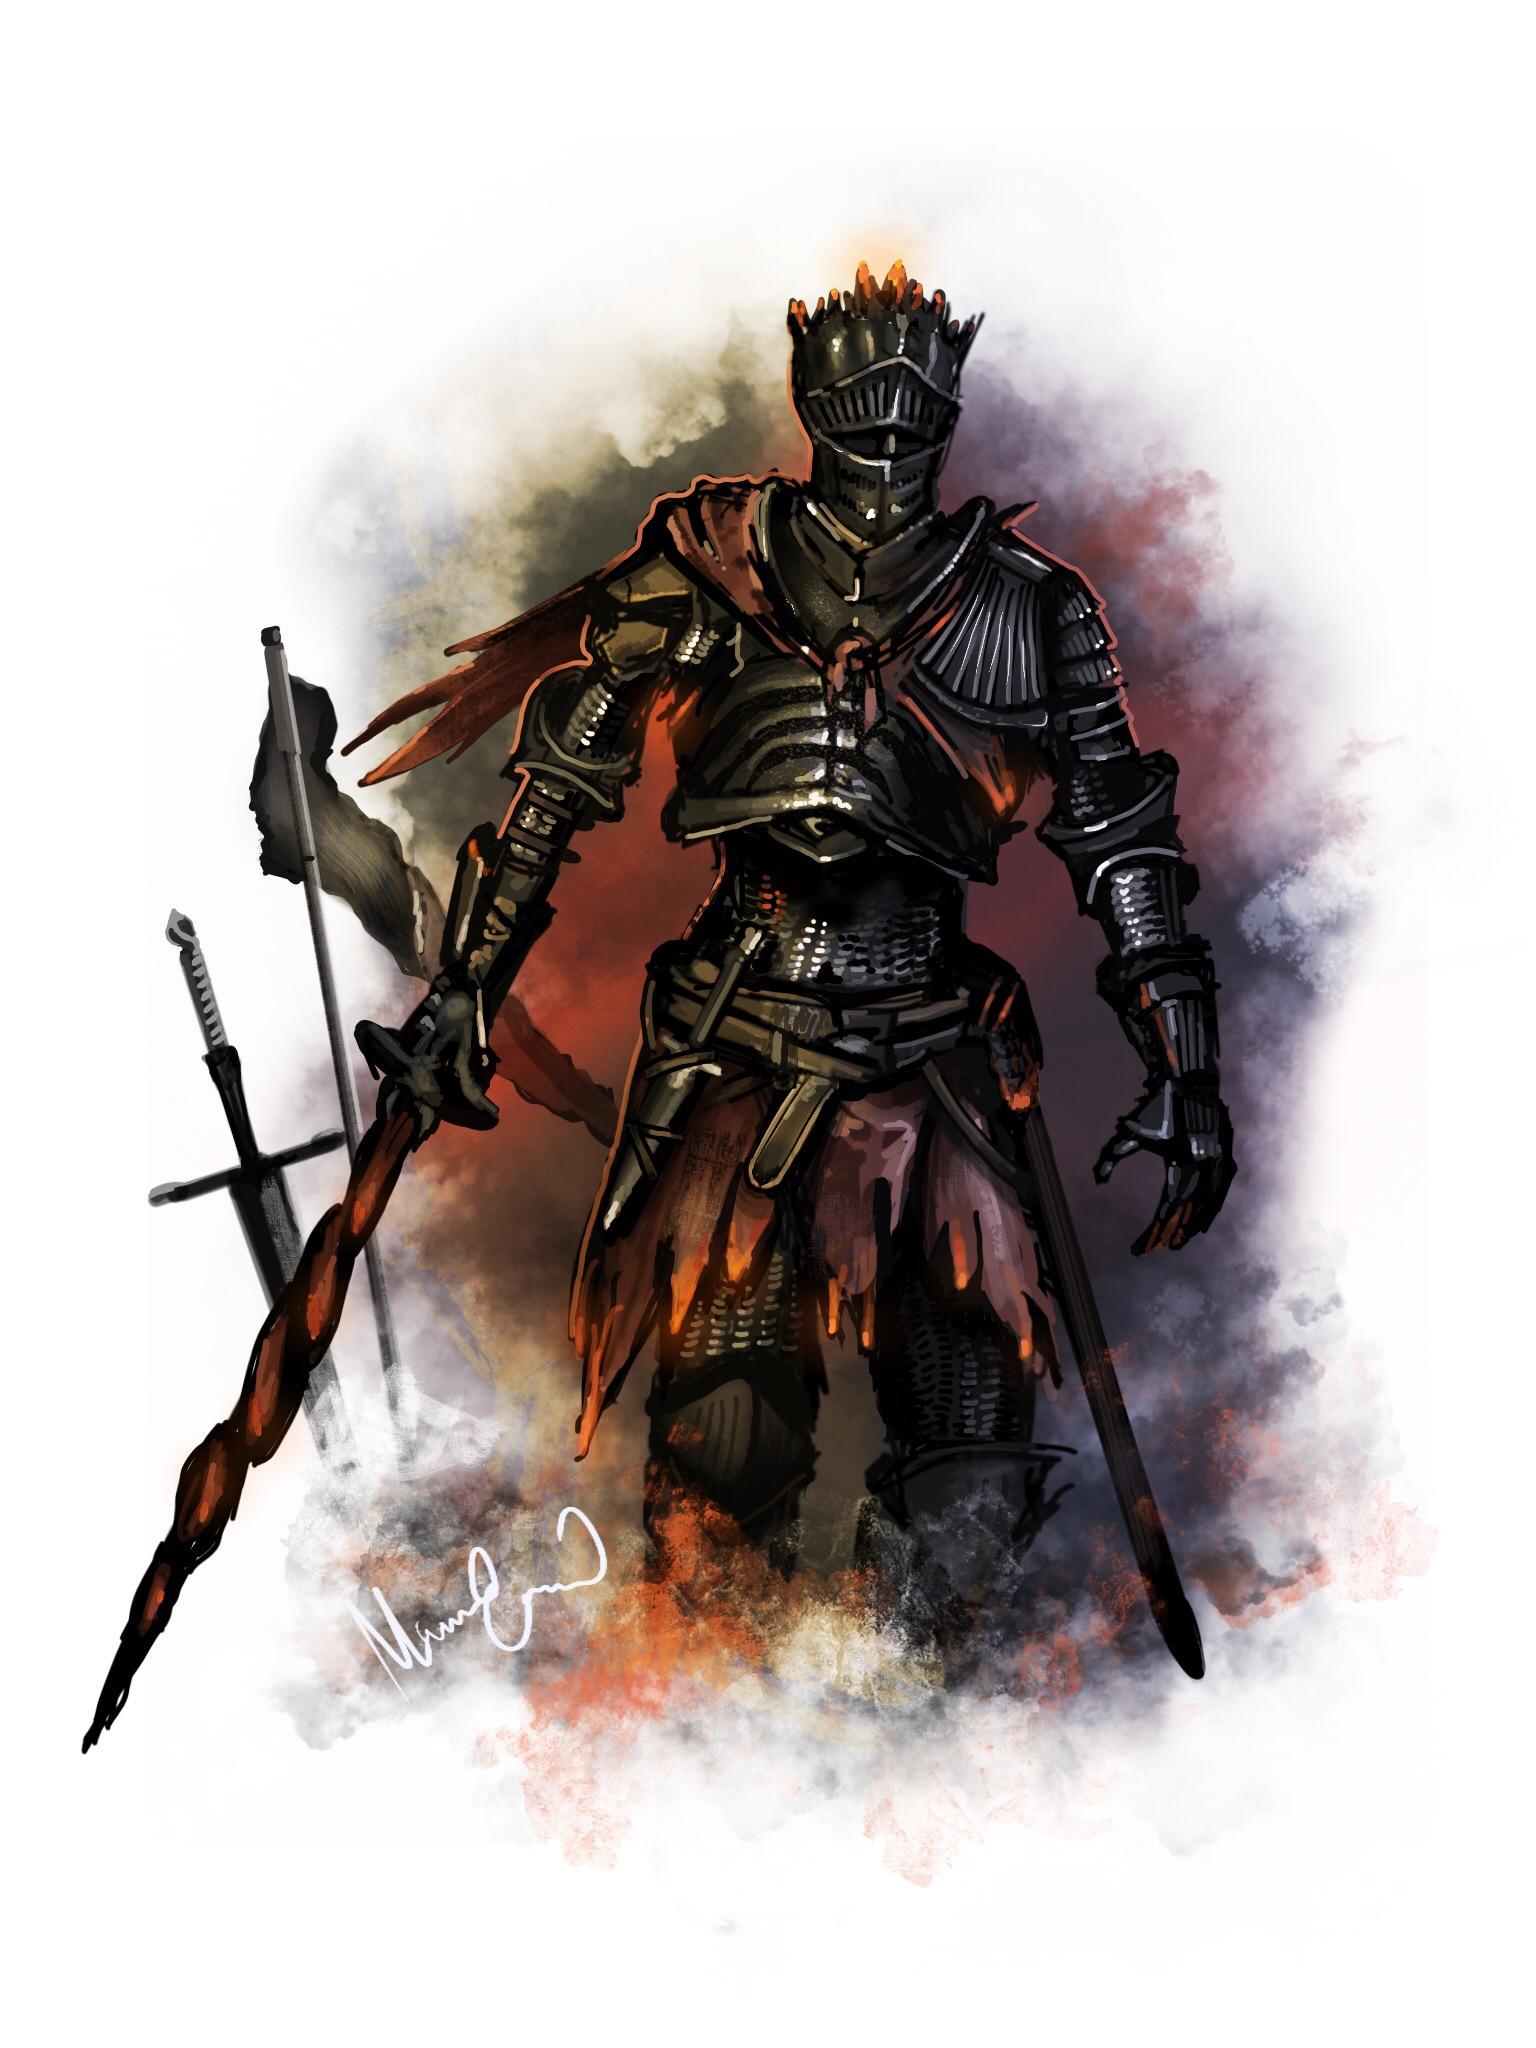 Soul of Cinder (Dark Souls 3)